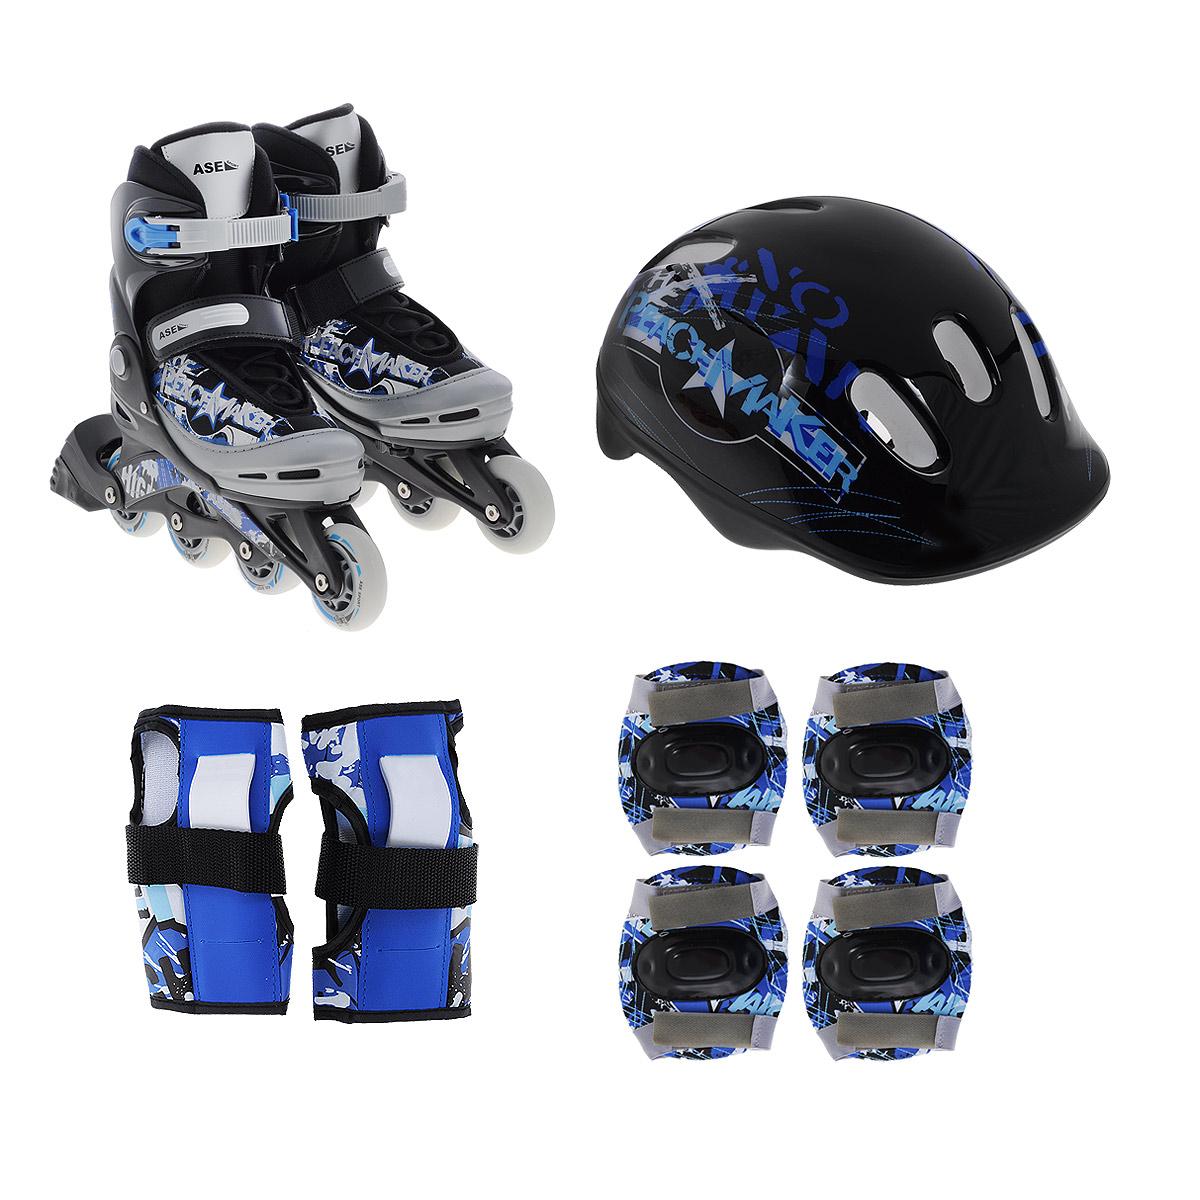 Комплект Ase-Sport Combo: коньки роликовые, шлем, защита, цвет: синий. ASE-617M. Размер XS (26/29)COMBO ASE-617MКомплектуются роликовыми коньками ASE-617.Конструкция: верх сапожка изготовлен из современного синтетического материала, стойкого к внешним воздействиям. Внутри сапожка отделка сделана из синтетического материала с мягкой подкладкой в боковых частях для более удобной и надежной фиксации ноги во время катания. Застежка типа AUTO LOCK удобно регулируется на нужный размер. Система изменения размера корпуса проста в использовании, позволяет быстро и комфортно подогнать сапожок под ногу.Корпус роликов изготовлен из прочного пластика, стойкого к механическим нагрузкам и внешним воздействиям окружающей среды. Интегрированная в корпус рама (единая конструкция) дает дополнительную прочность корпусу, исключая риск поломки при механических нагрузках, а также эффективно гасит вибрацию во время катания. Стельки сделаны из специального вспененного материала, который удобно повторяет анатомическое строение стопы ноги и дополнительно поглощает вибрацию. Шнуровка коньков: матерчатые петли в сочетании с широким язычком, и шнурки из полиэстера с синтетическими волокнами для более прочной фиксации ноги.Ролики комплектуются тормозом, колесами класса жесткости 82А. Диаметр колес 70 мм, точность подшипников ABEC-5.